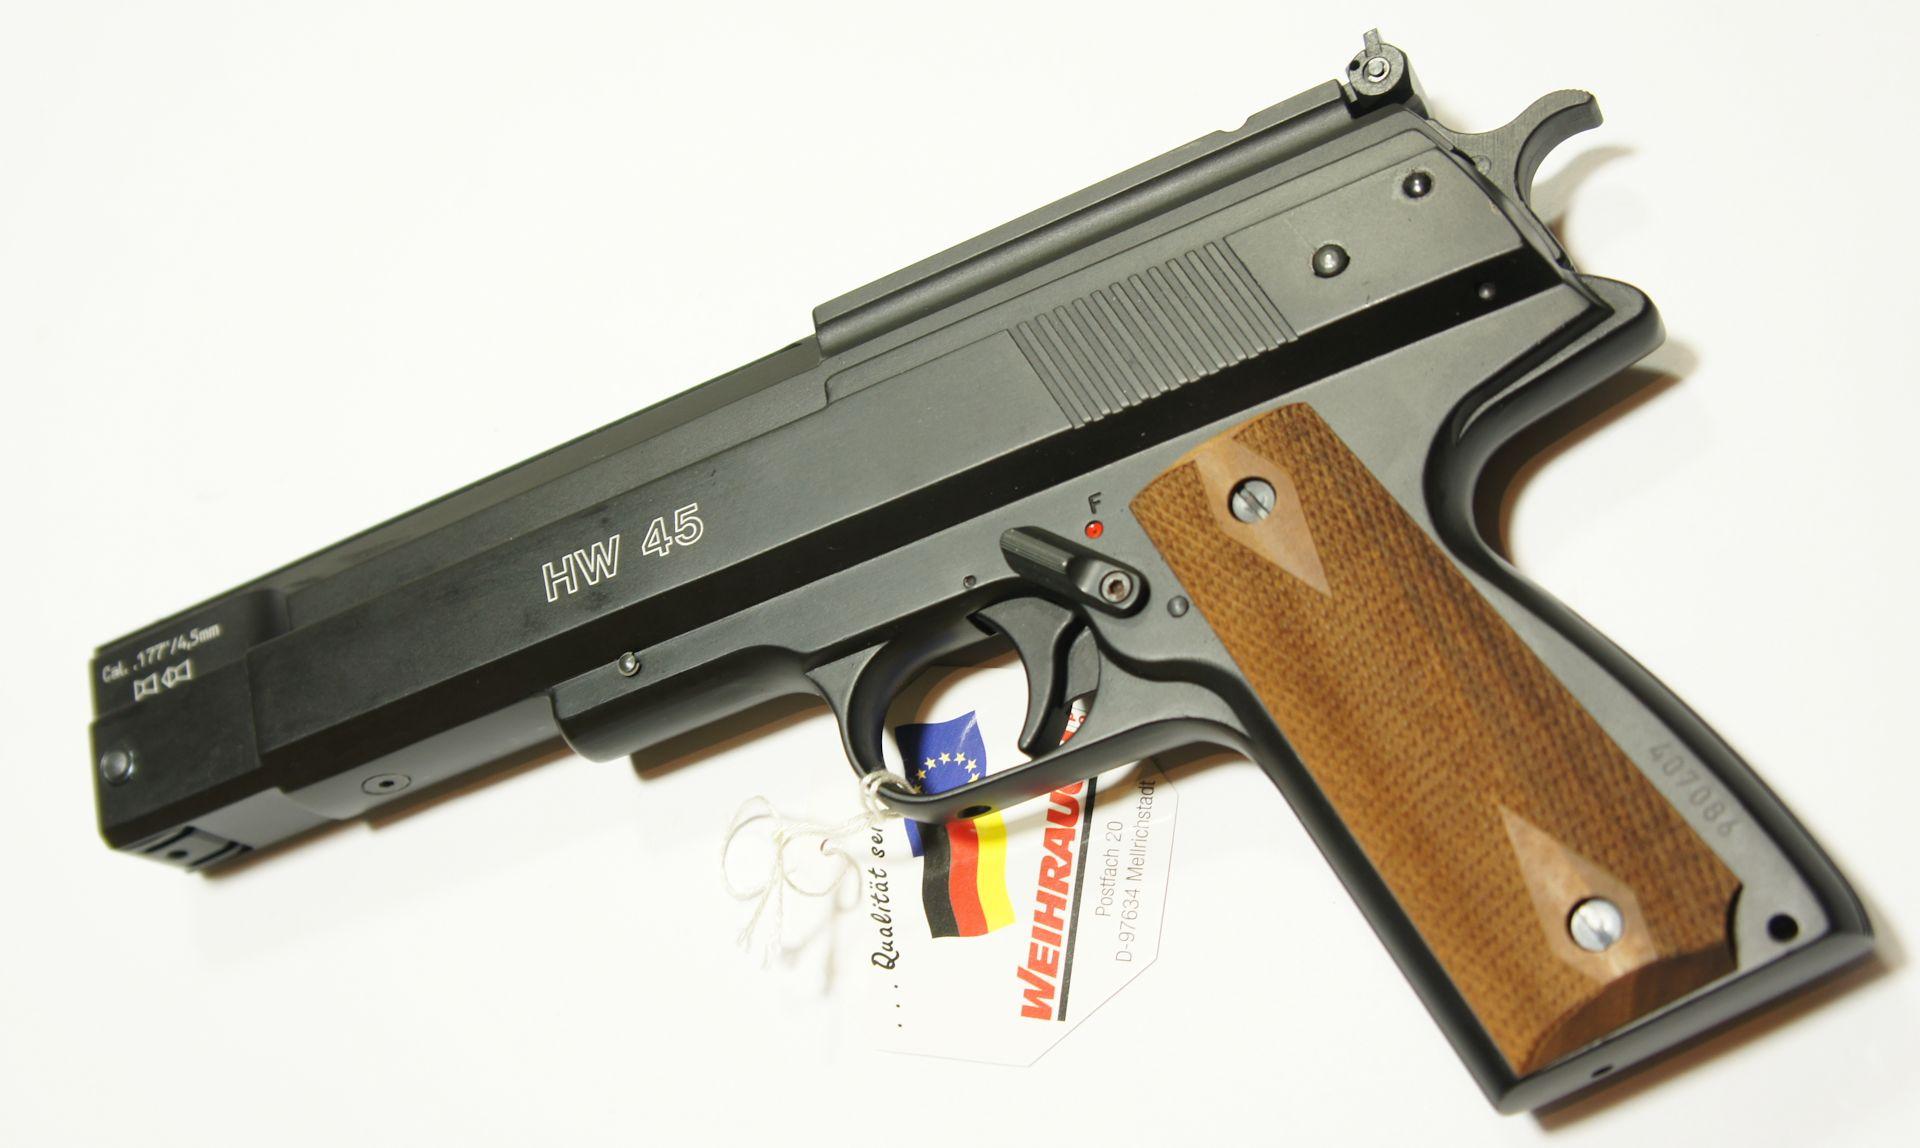 Die Luftpistole HW 45 gehört zu den stärksten Luftpistolen auf dem Markt.